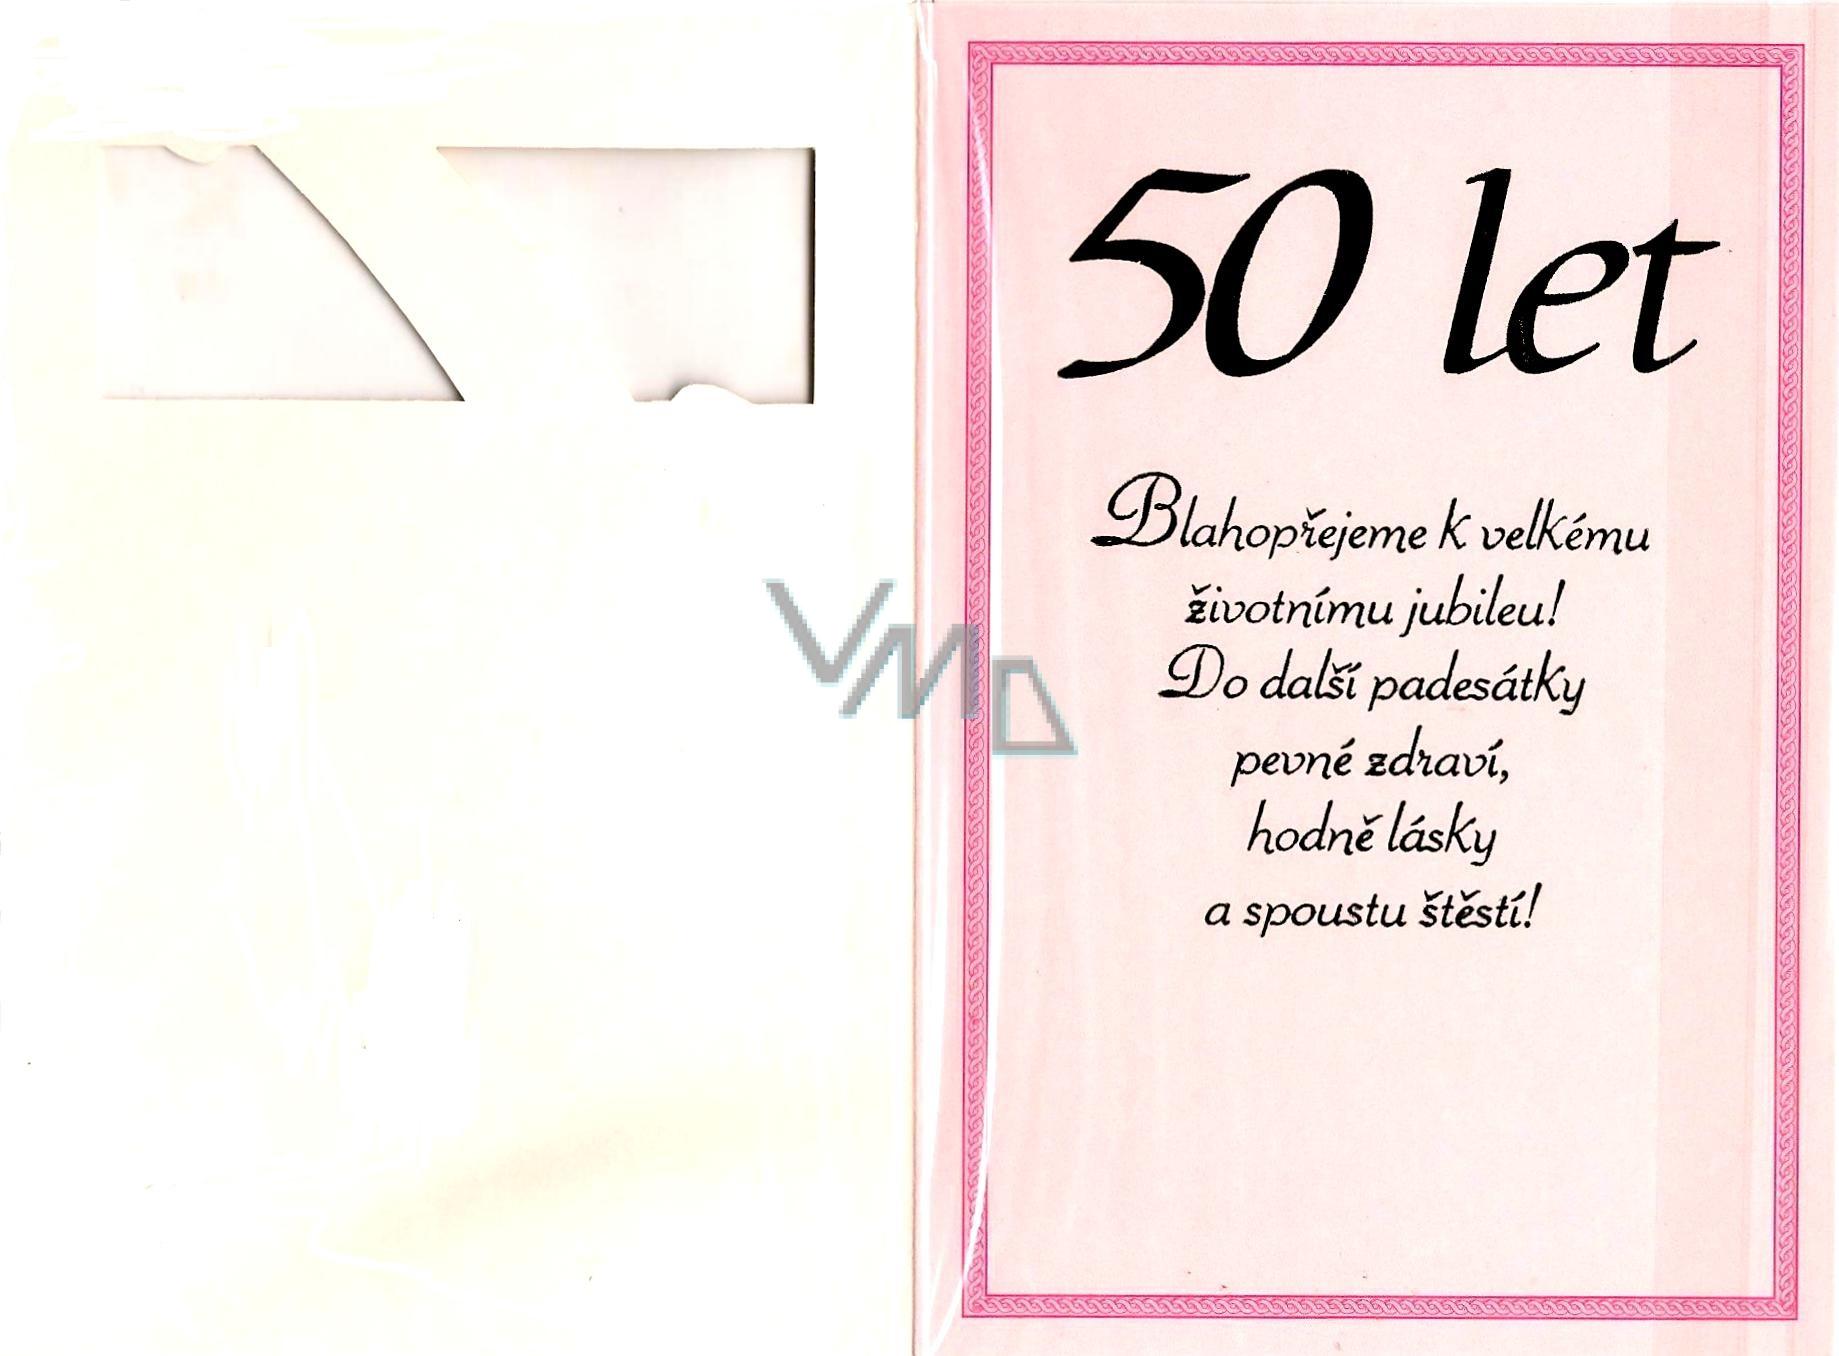 přání k 50 tým narozeninám Nekupto Přání k narozeninám 50 let   VMD drogerie přání k 50 tým narozeninám